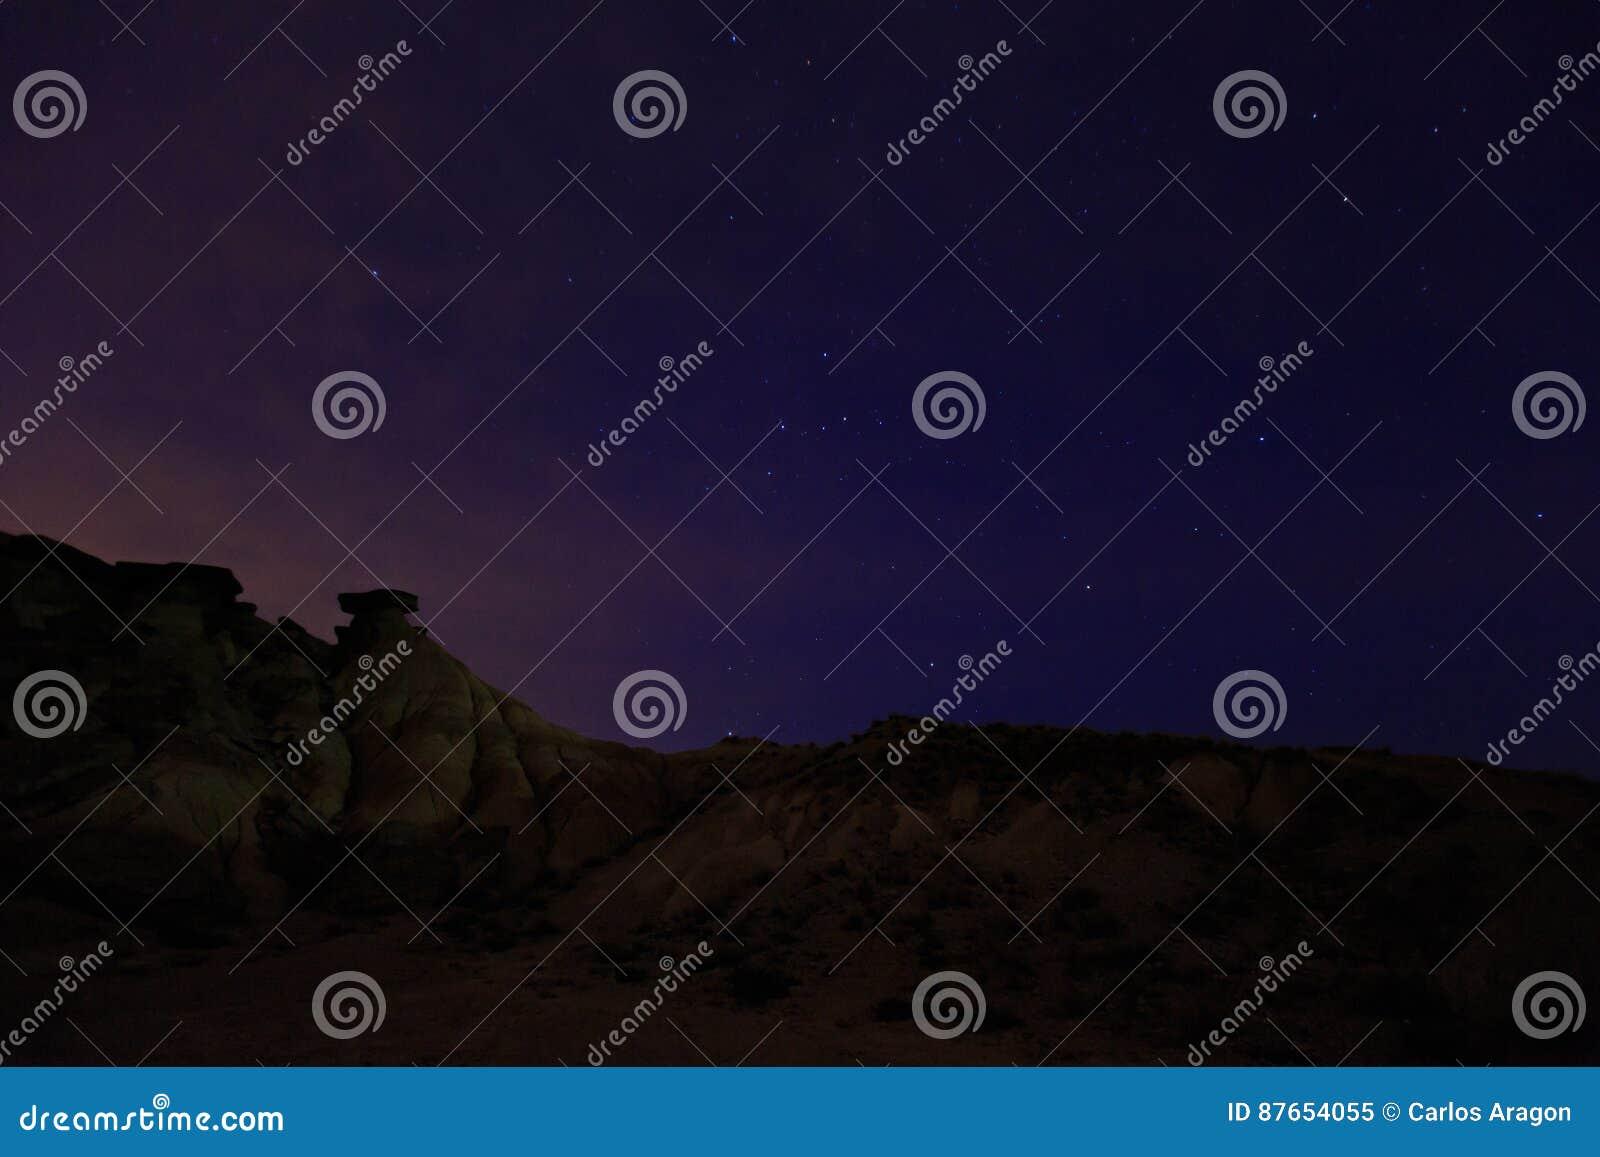 Abandone El Paisaje En La Noche En Bardenas Reales De Navarra